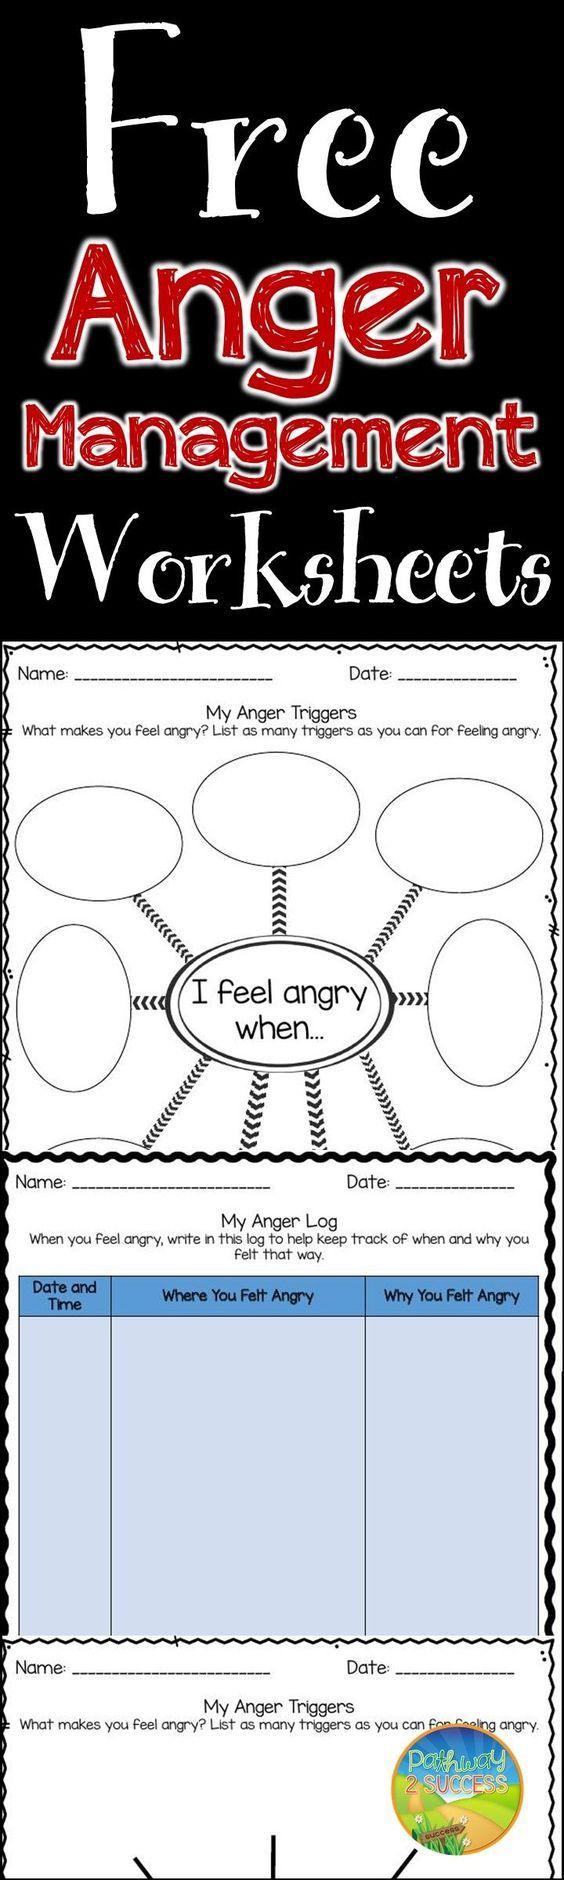 Anger Management Worksheets Anger Management Worksheets Anger Management Skills Anger Management